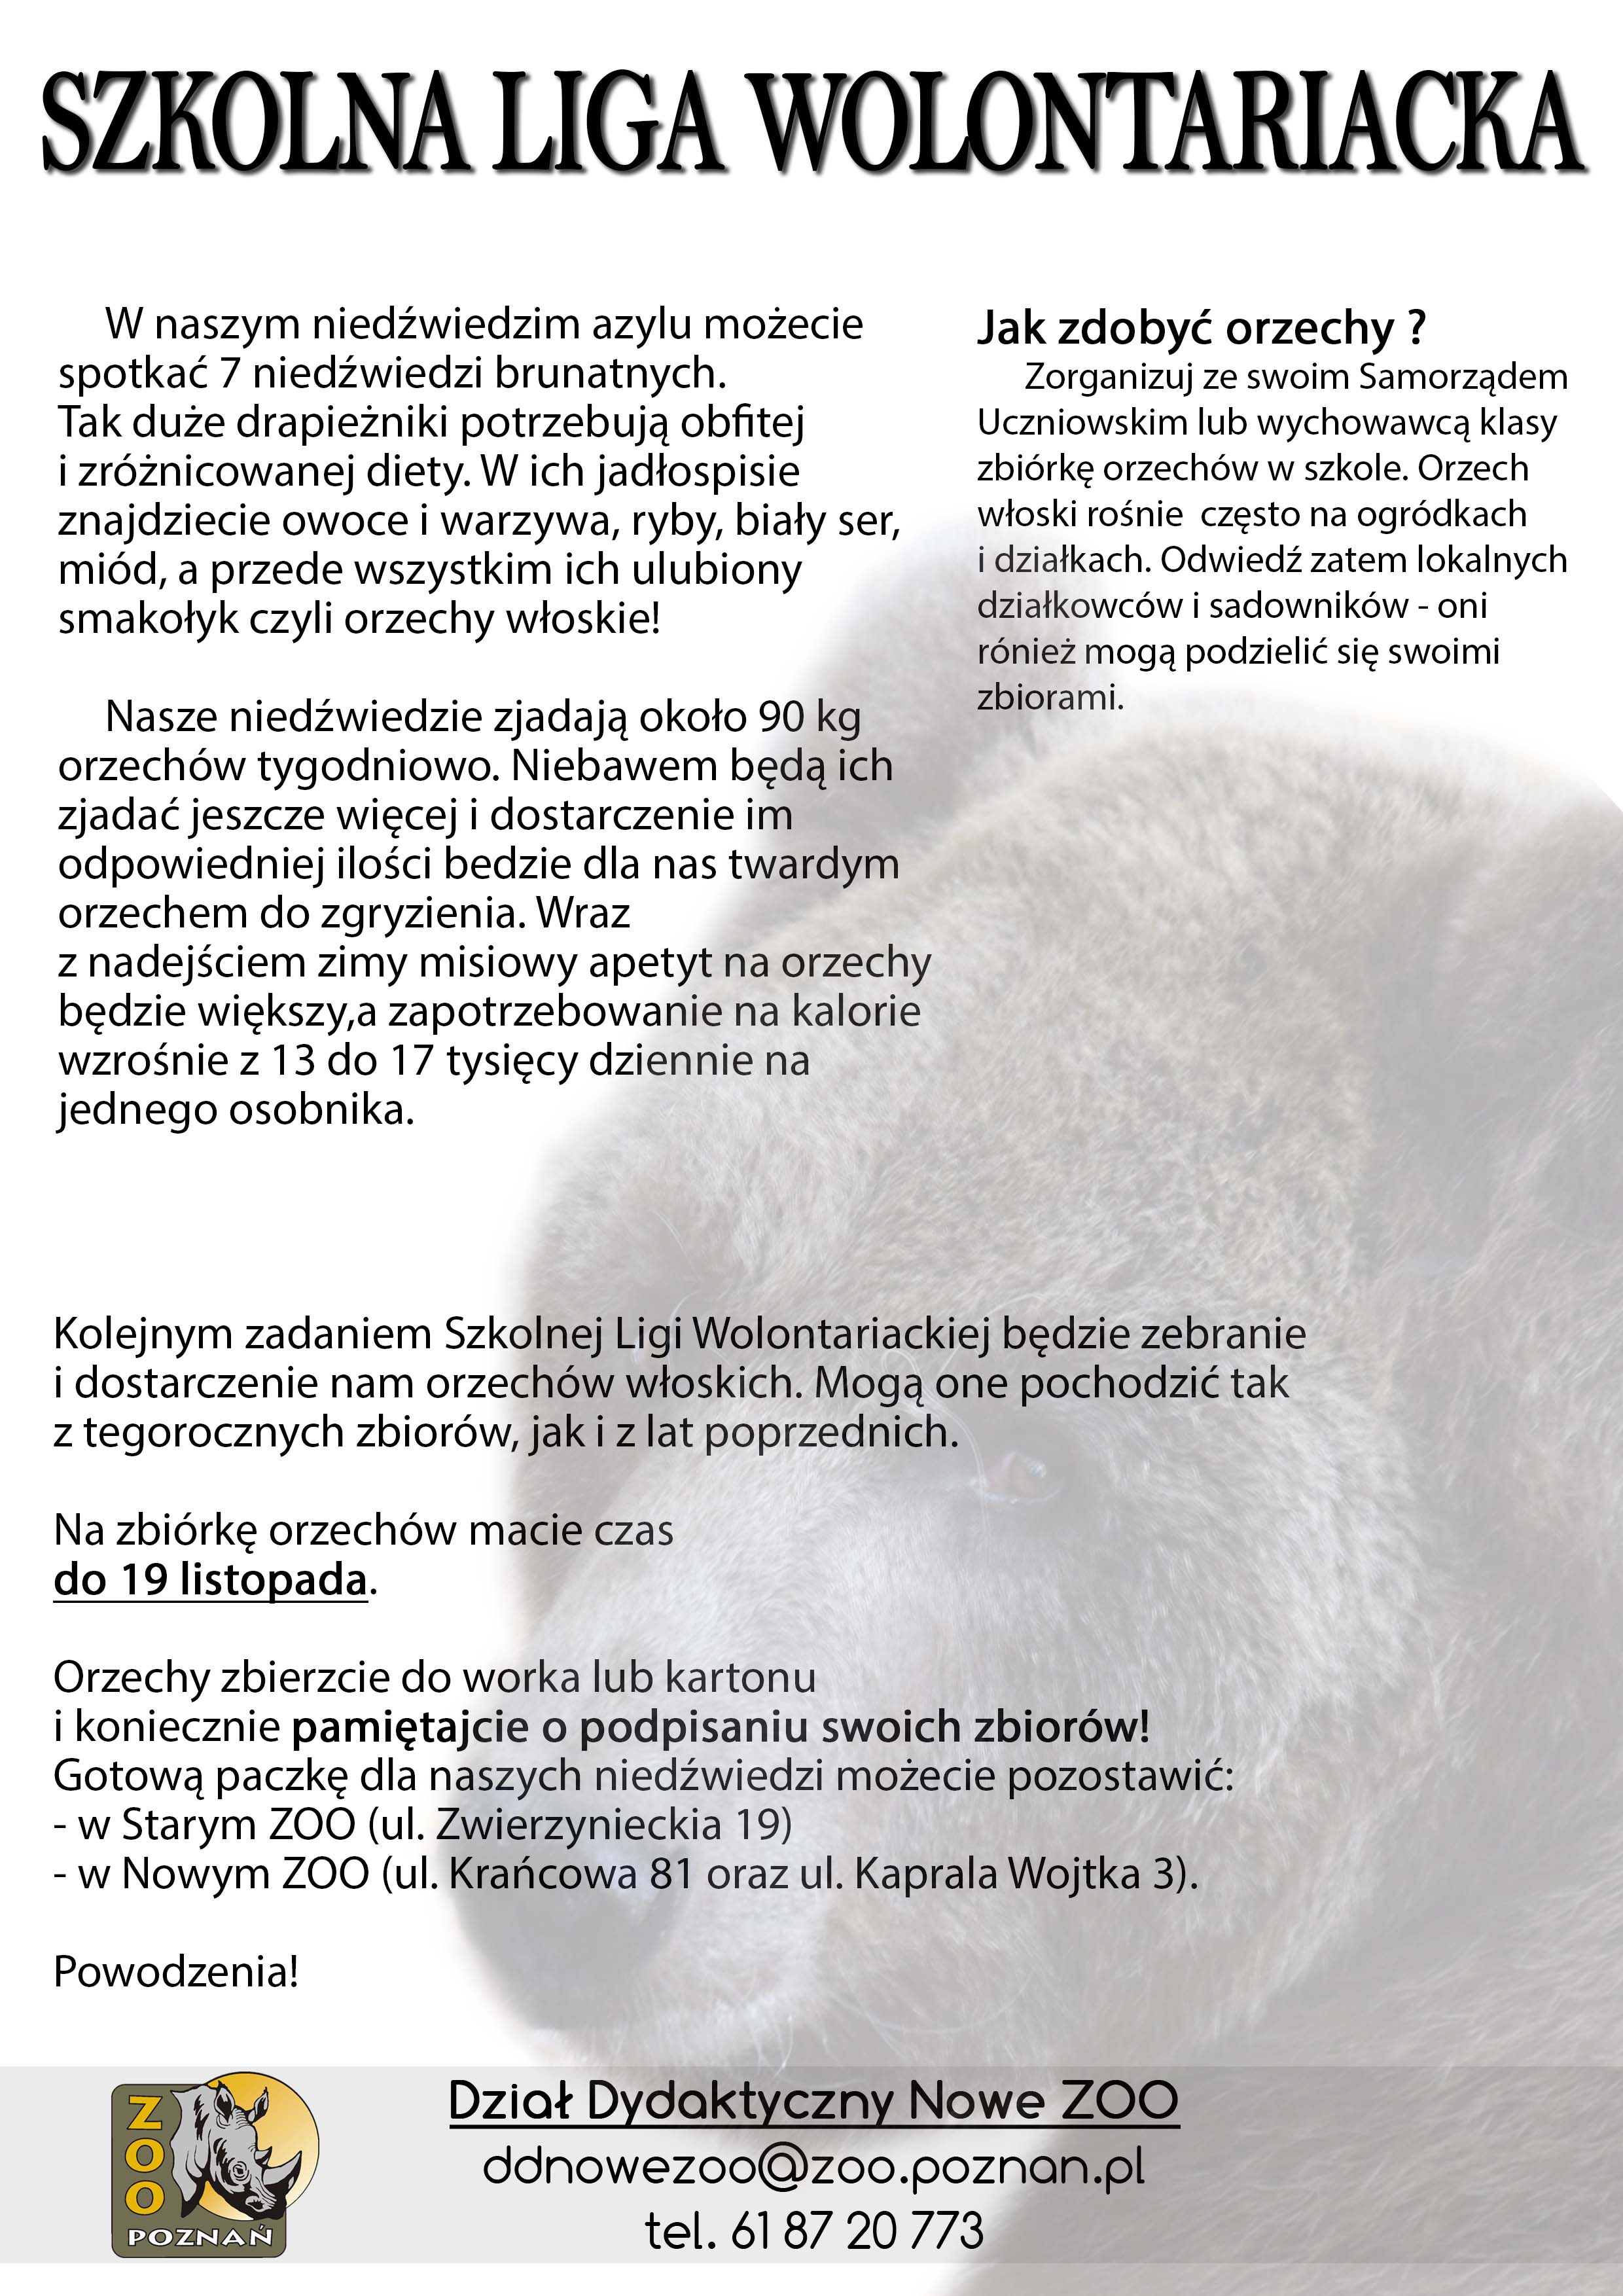 2.-ZADANIE-LISTOPAD-ORZECHY15576